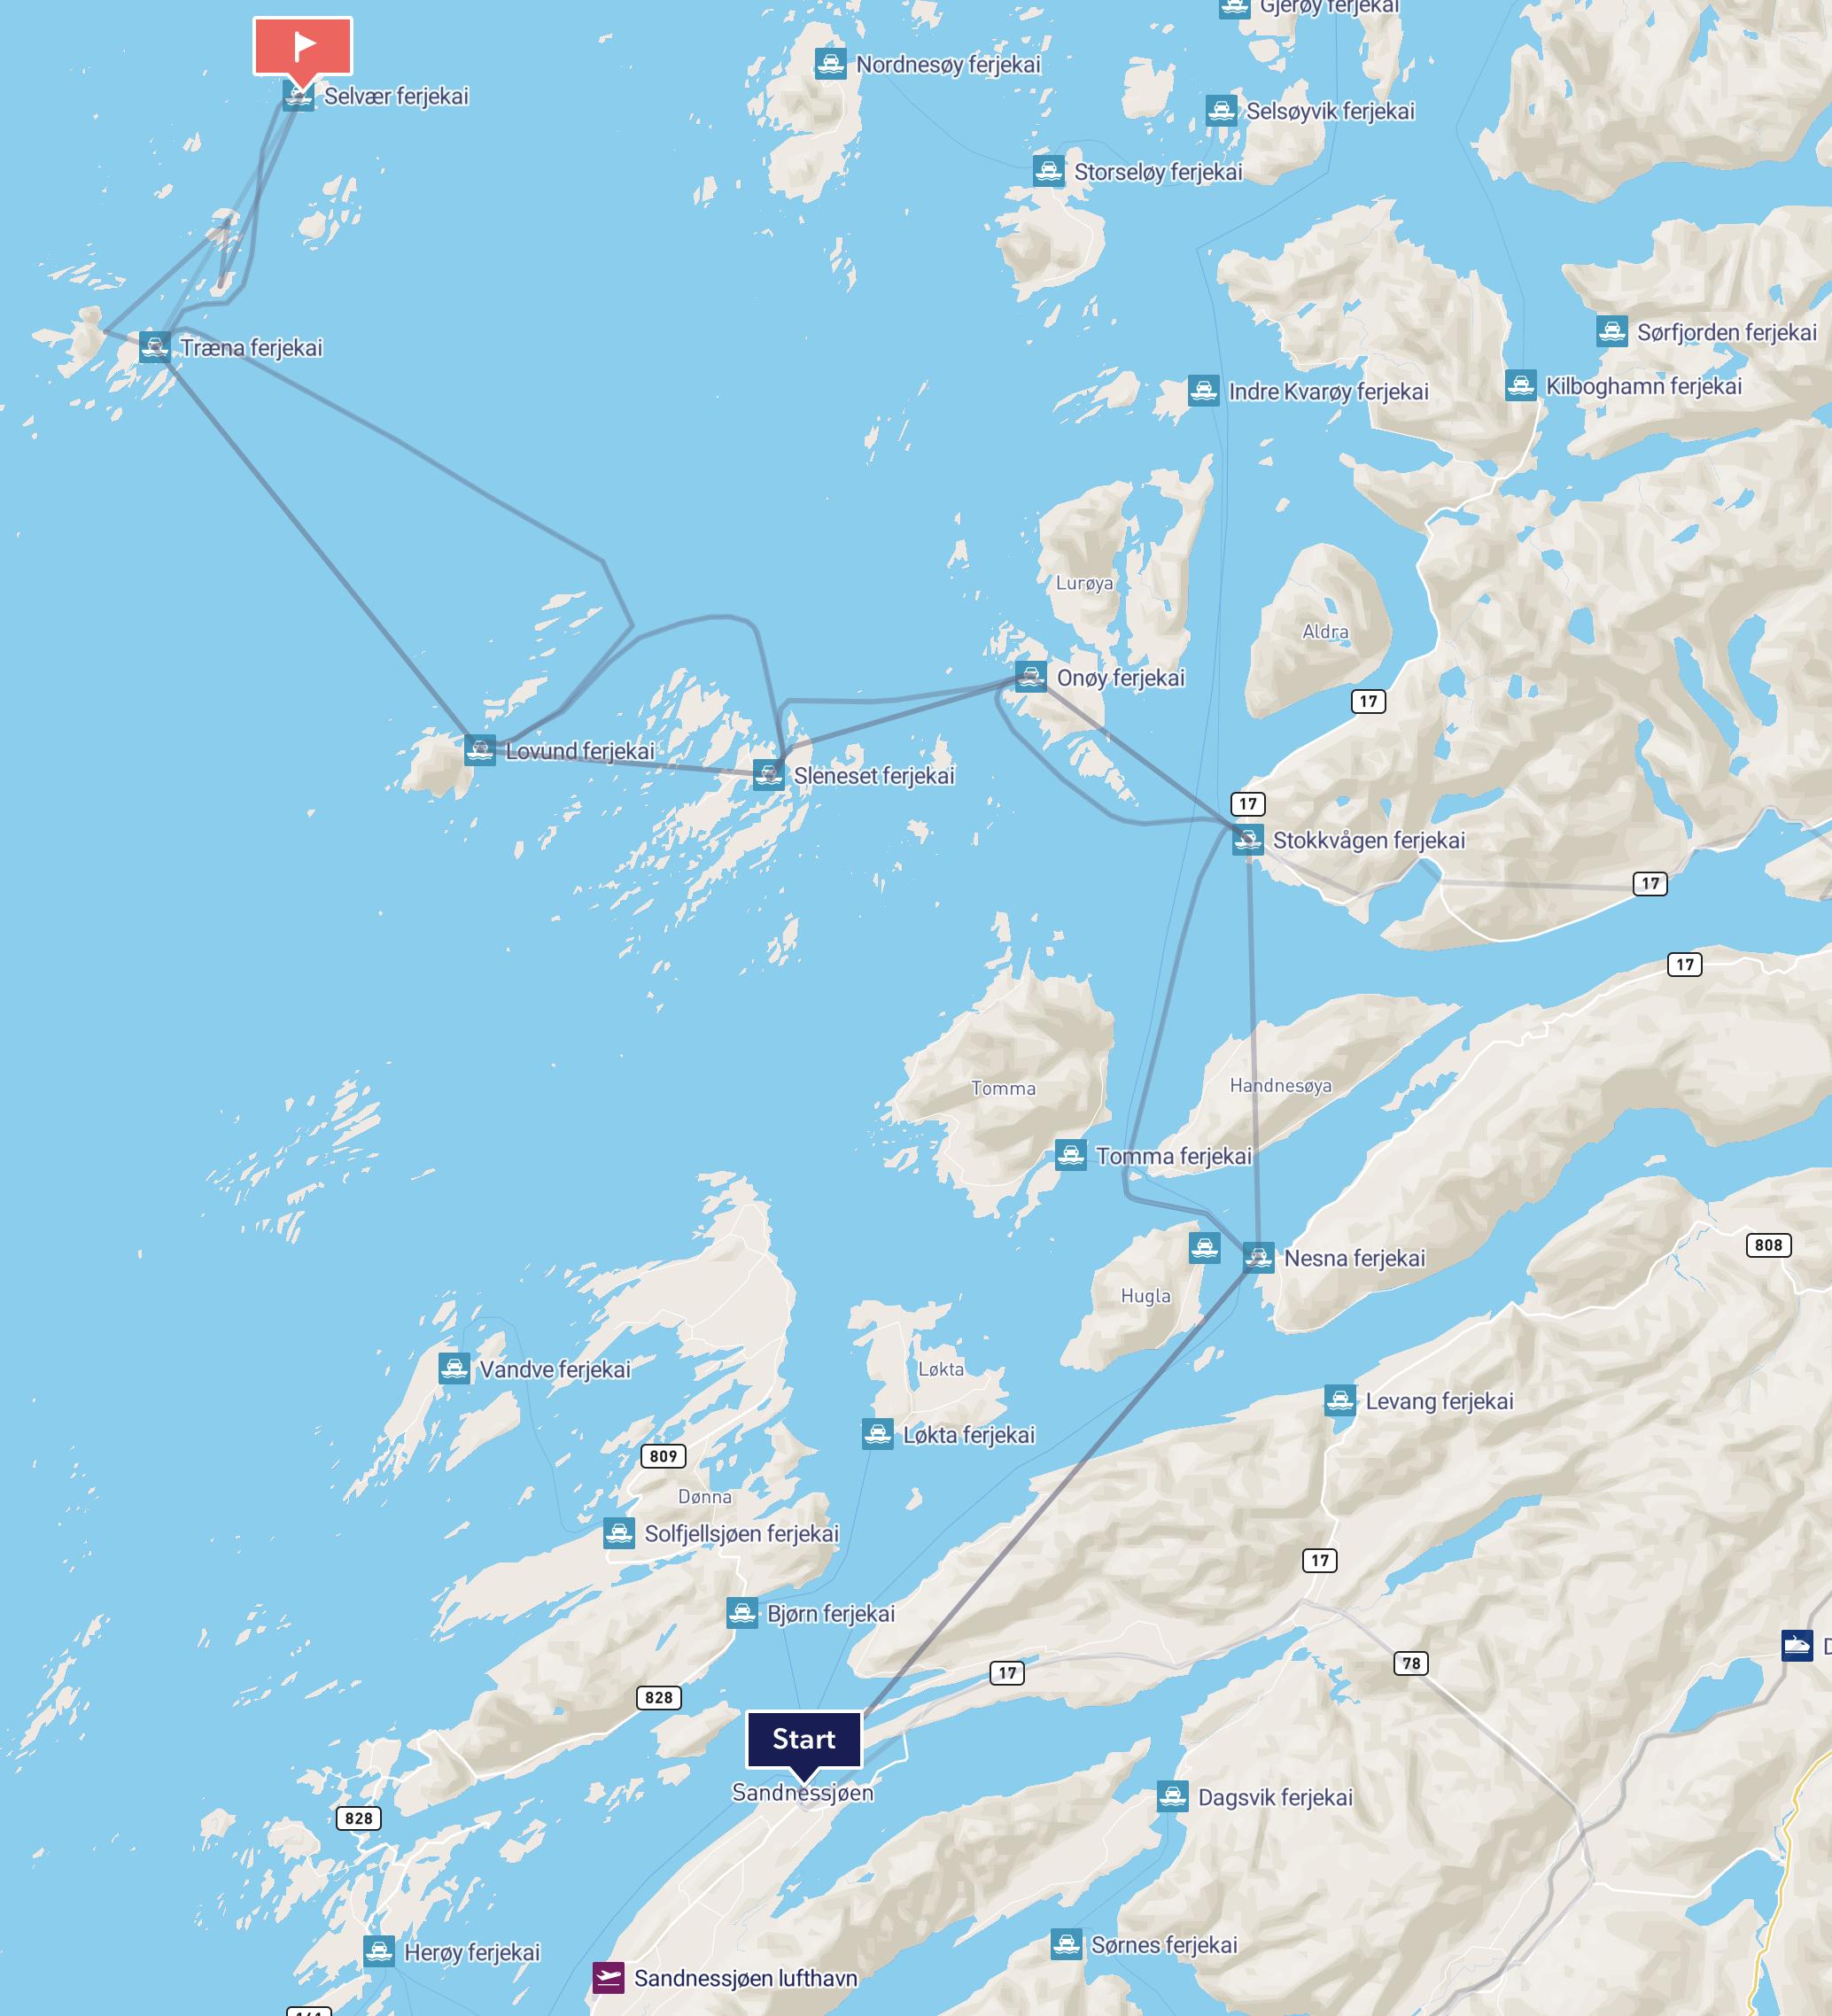 Mer om rutenettet finner du under  BÅT .    Stokke lufthavn ser du like sør for Sandnessjøen.